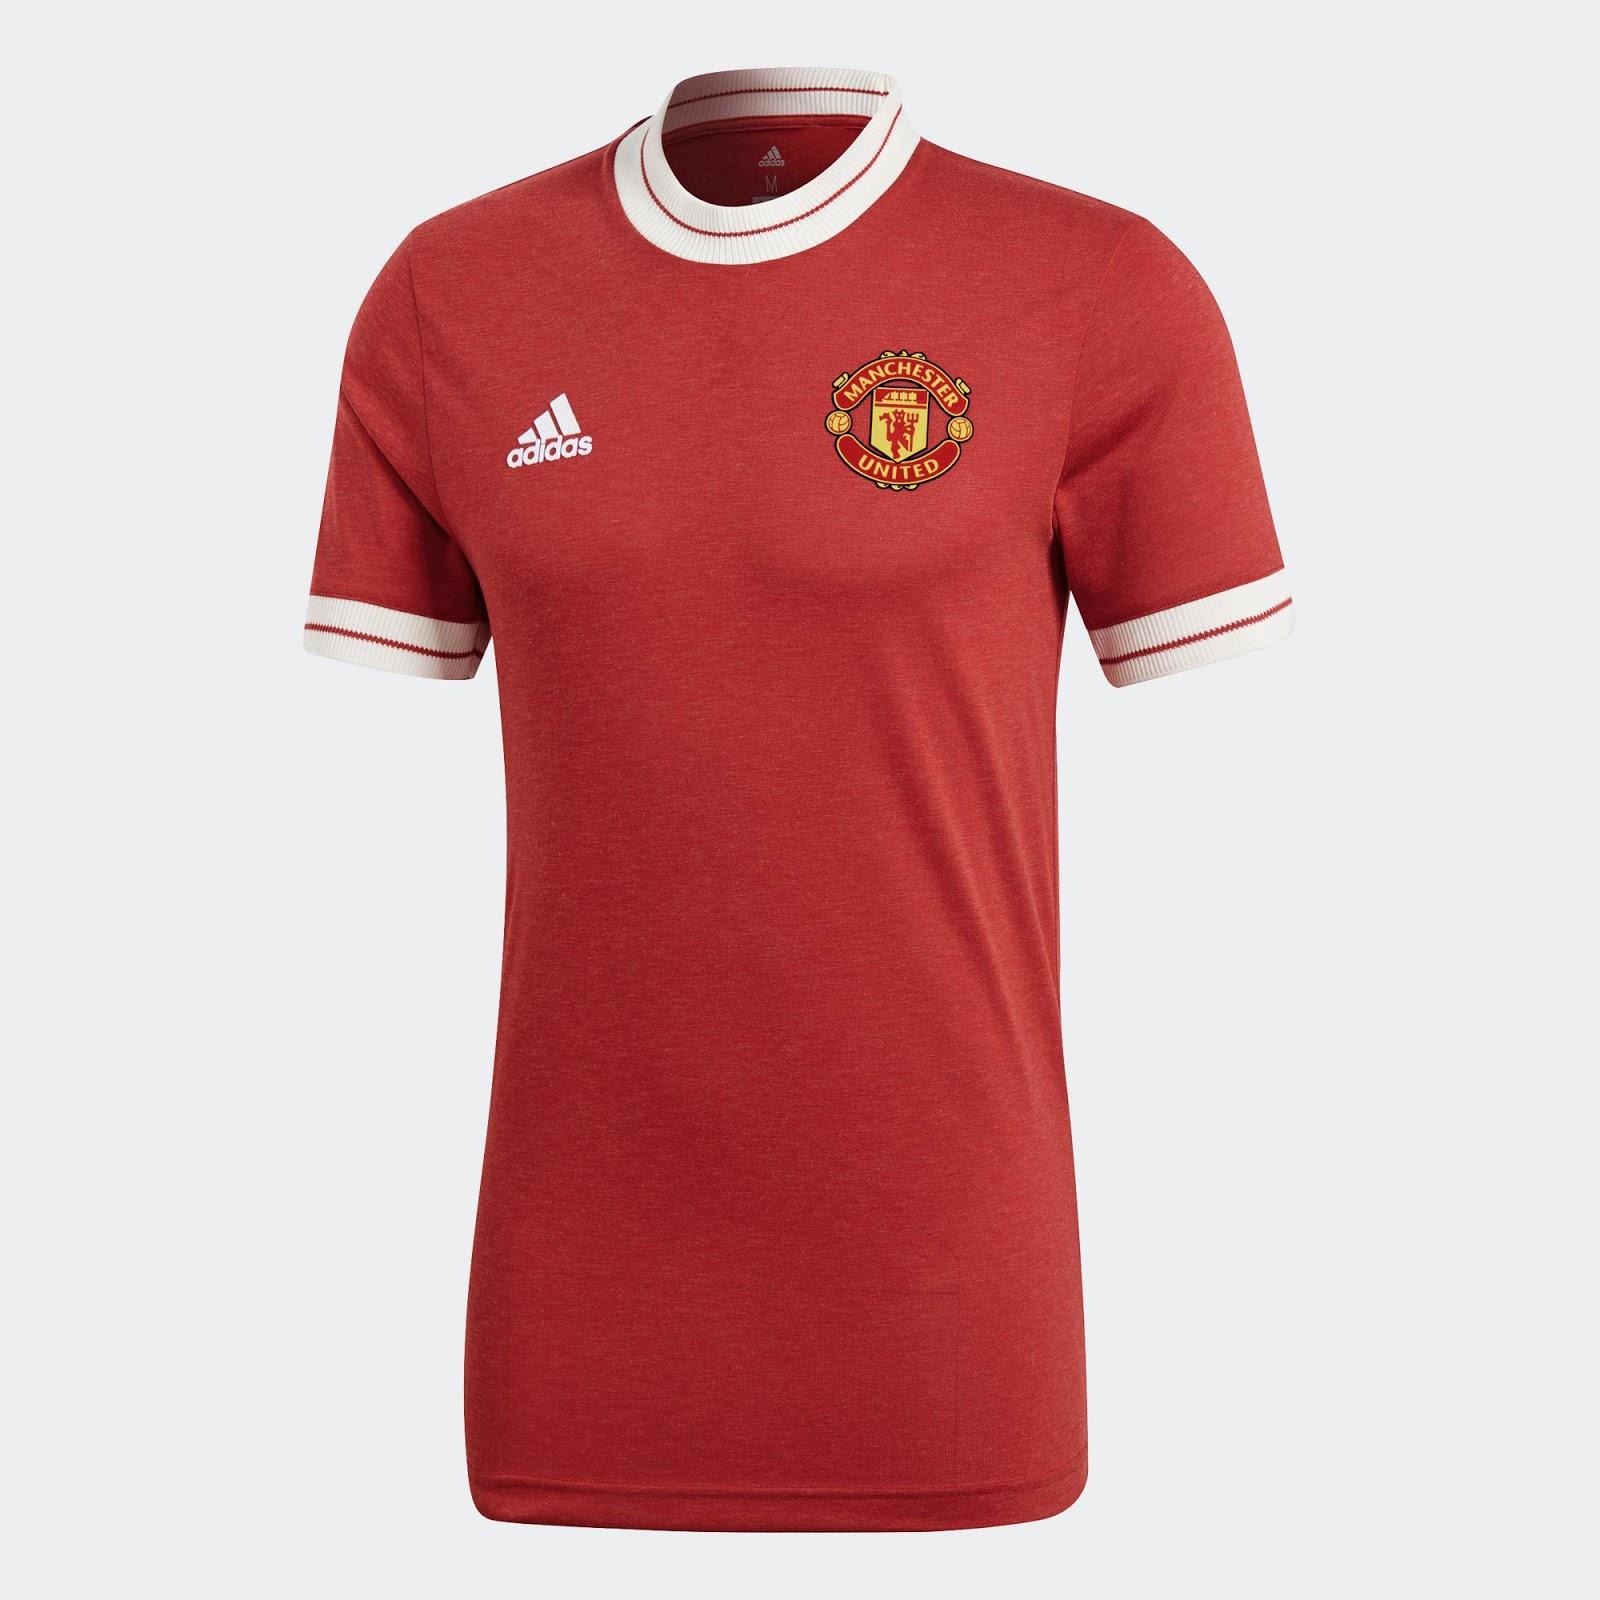 Adidas Manchester United 2018 Retro Jersey Revealed ...